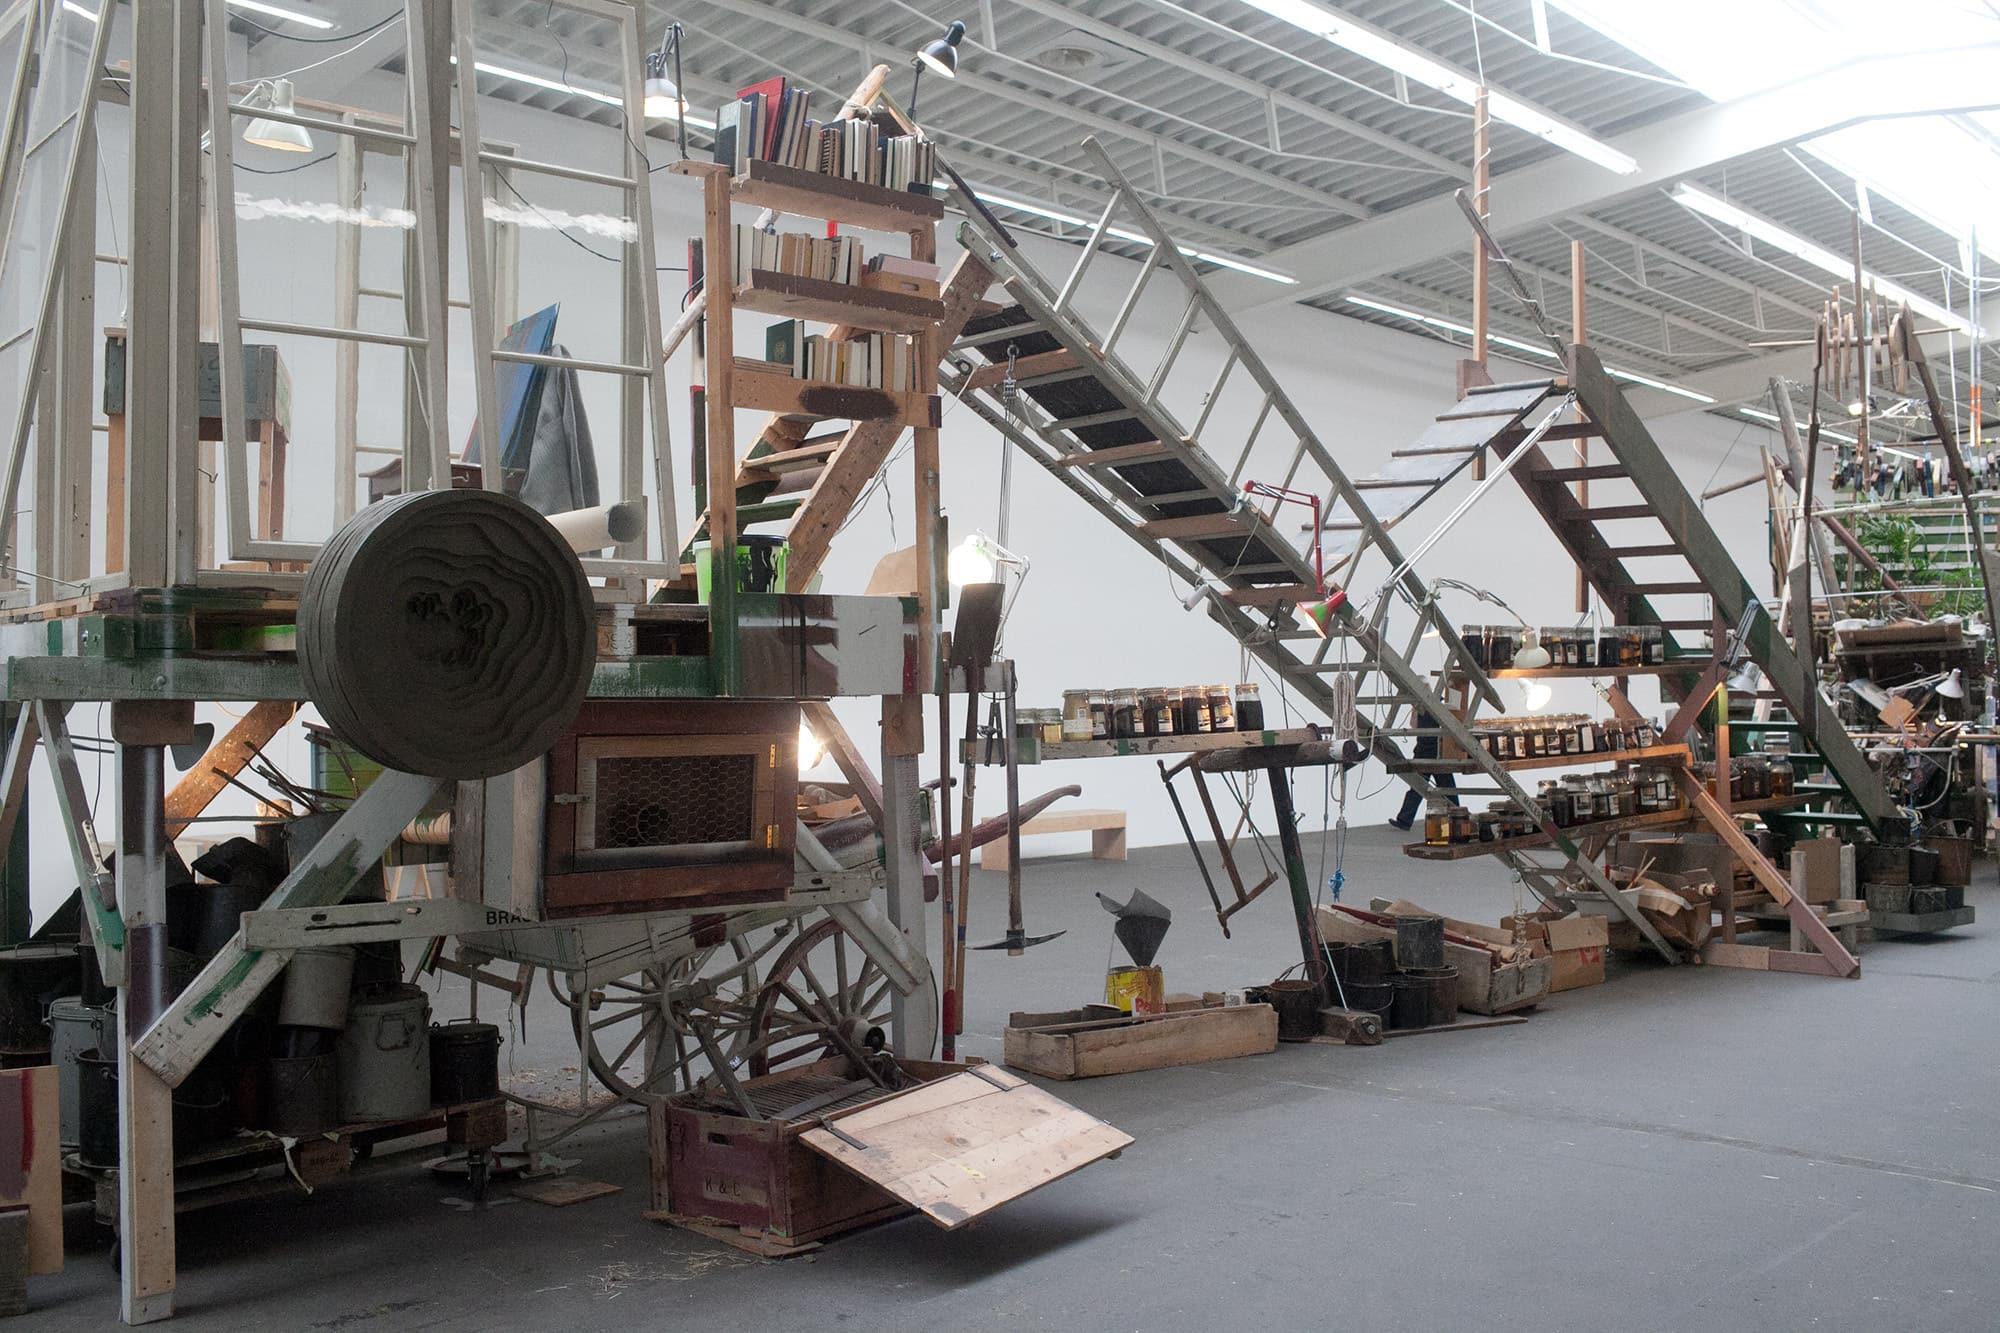 Hamburger Bahnhof contemporary art museum in Berlin, Germany. Art installation at Hamburger Bahnhof in Berlin